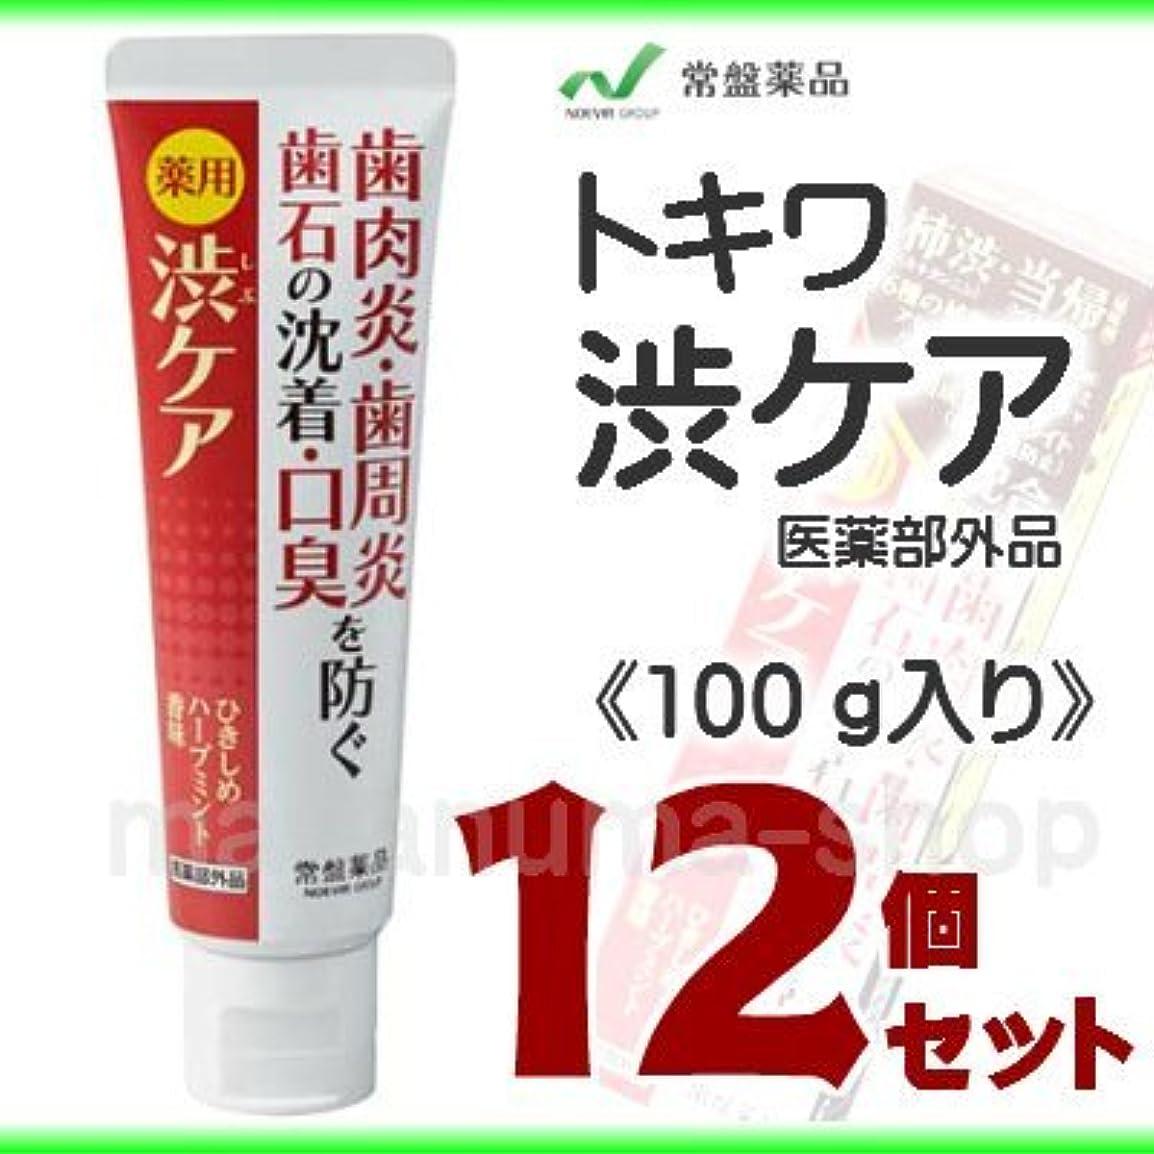 残高滅多制約トキワ 薬用渋ケア (100g) 12個セット